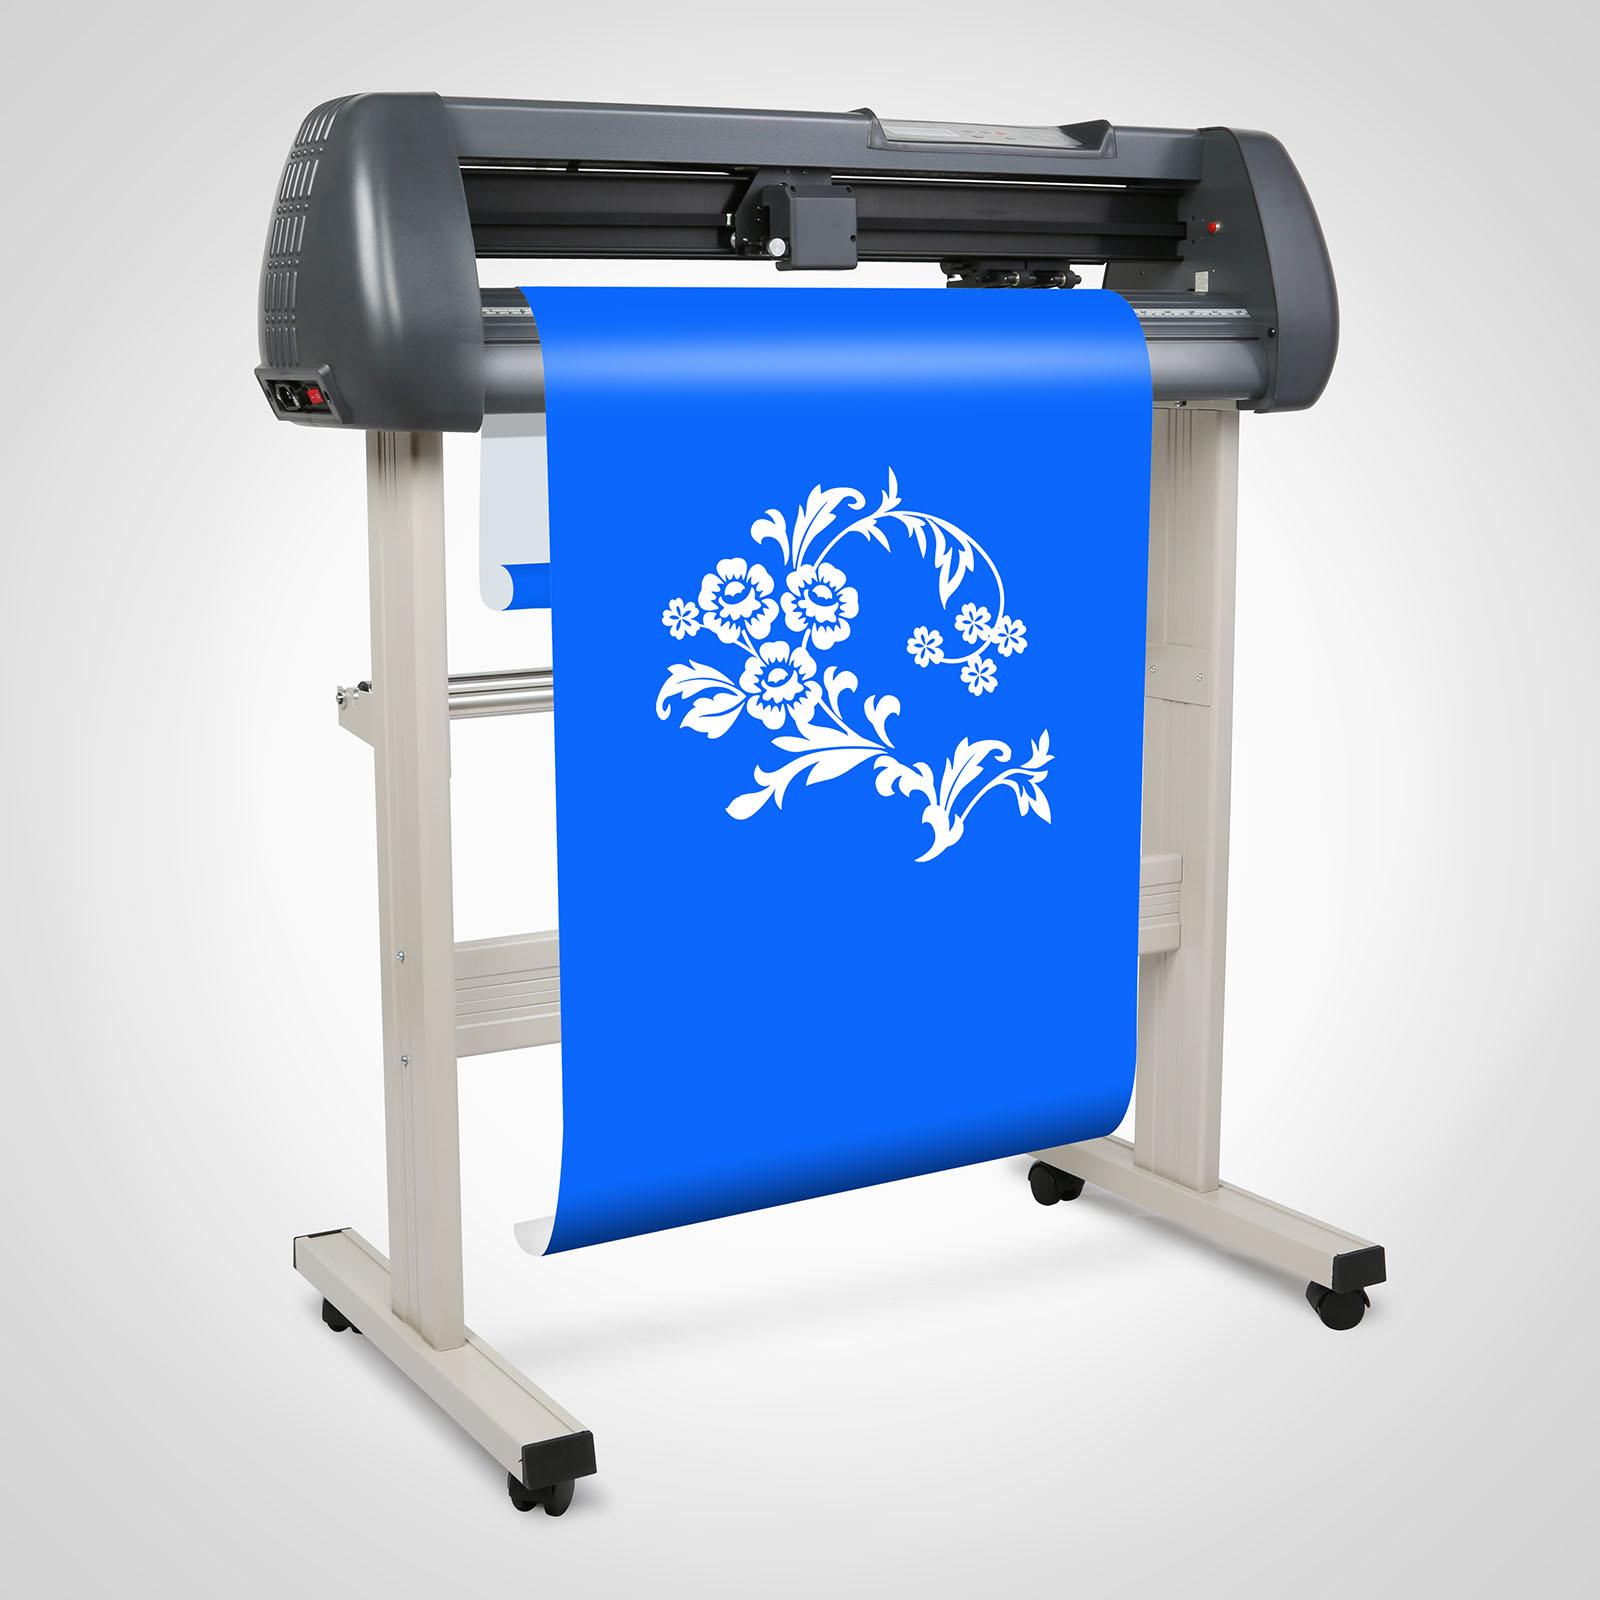 28 Quot Vinyl Cutting Plotter Cutter Maker Printer W Stand